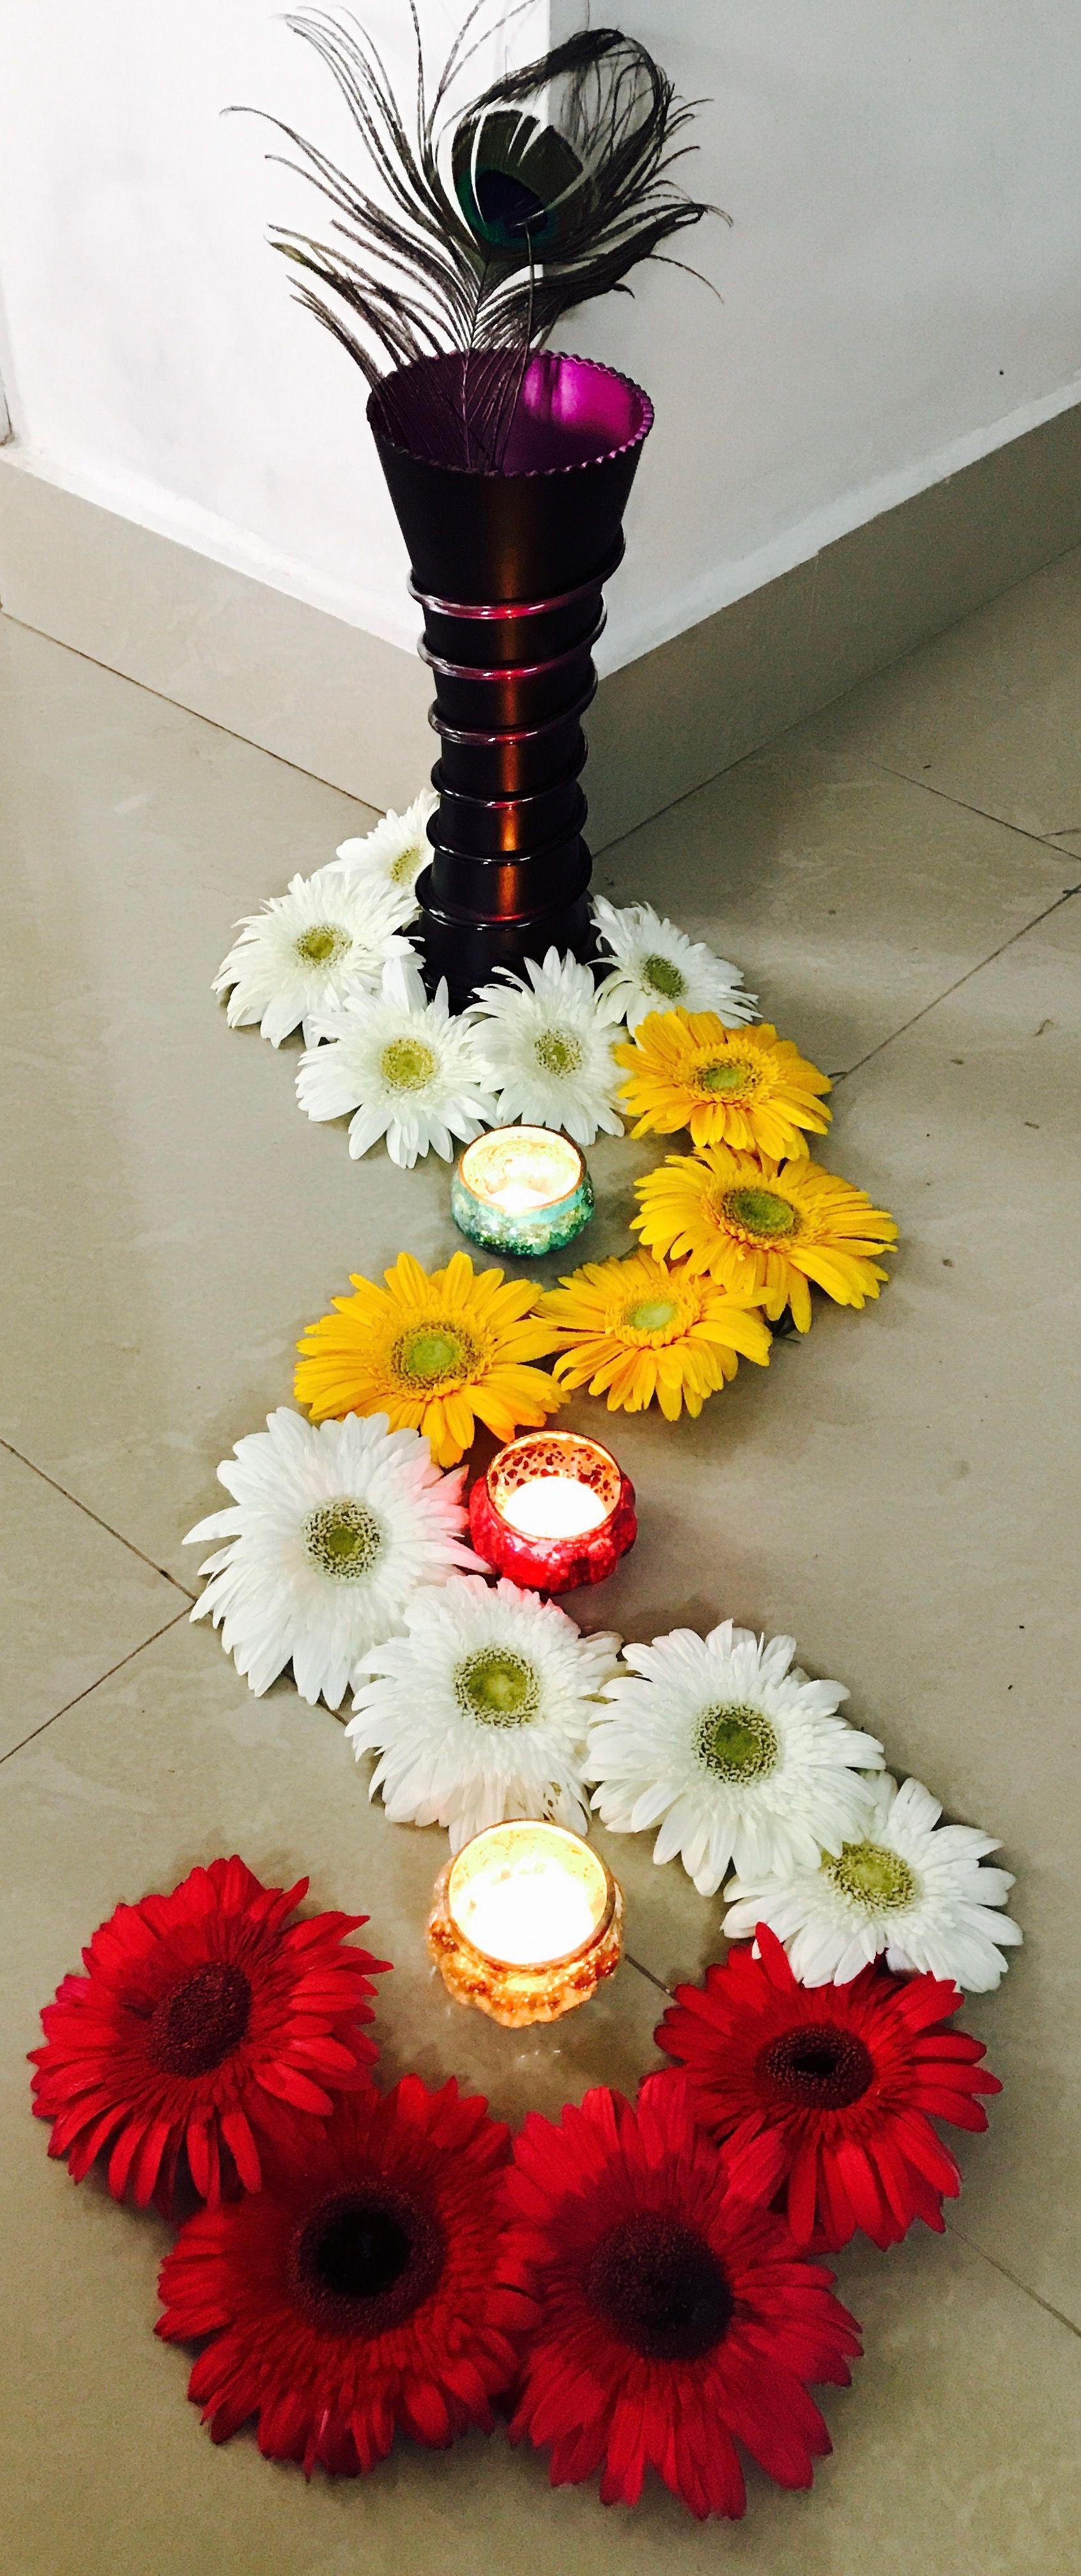 Innovative simple flower design for Diwali festival